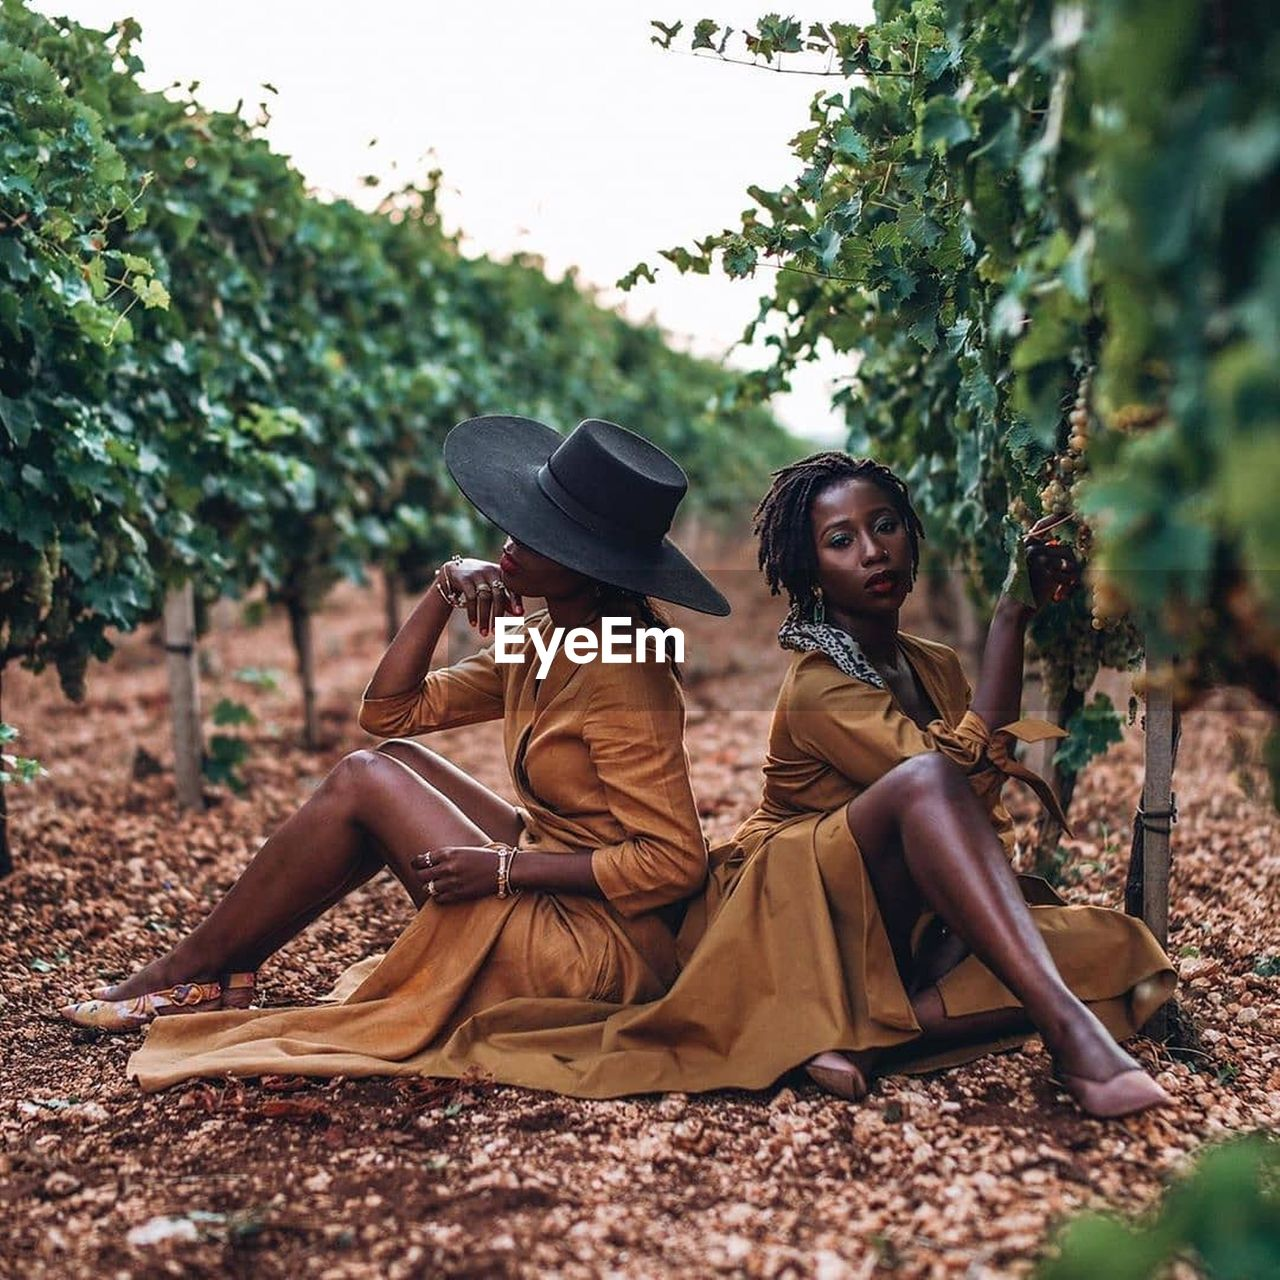 Woman sitting in vineyard against sky